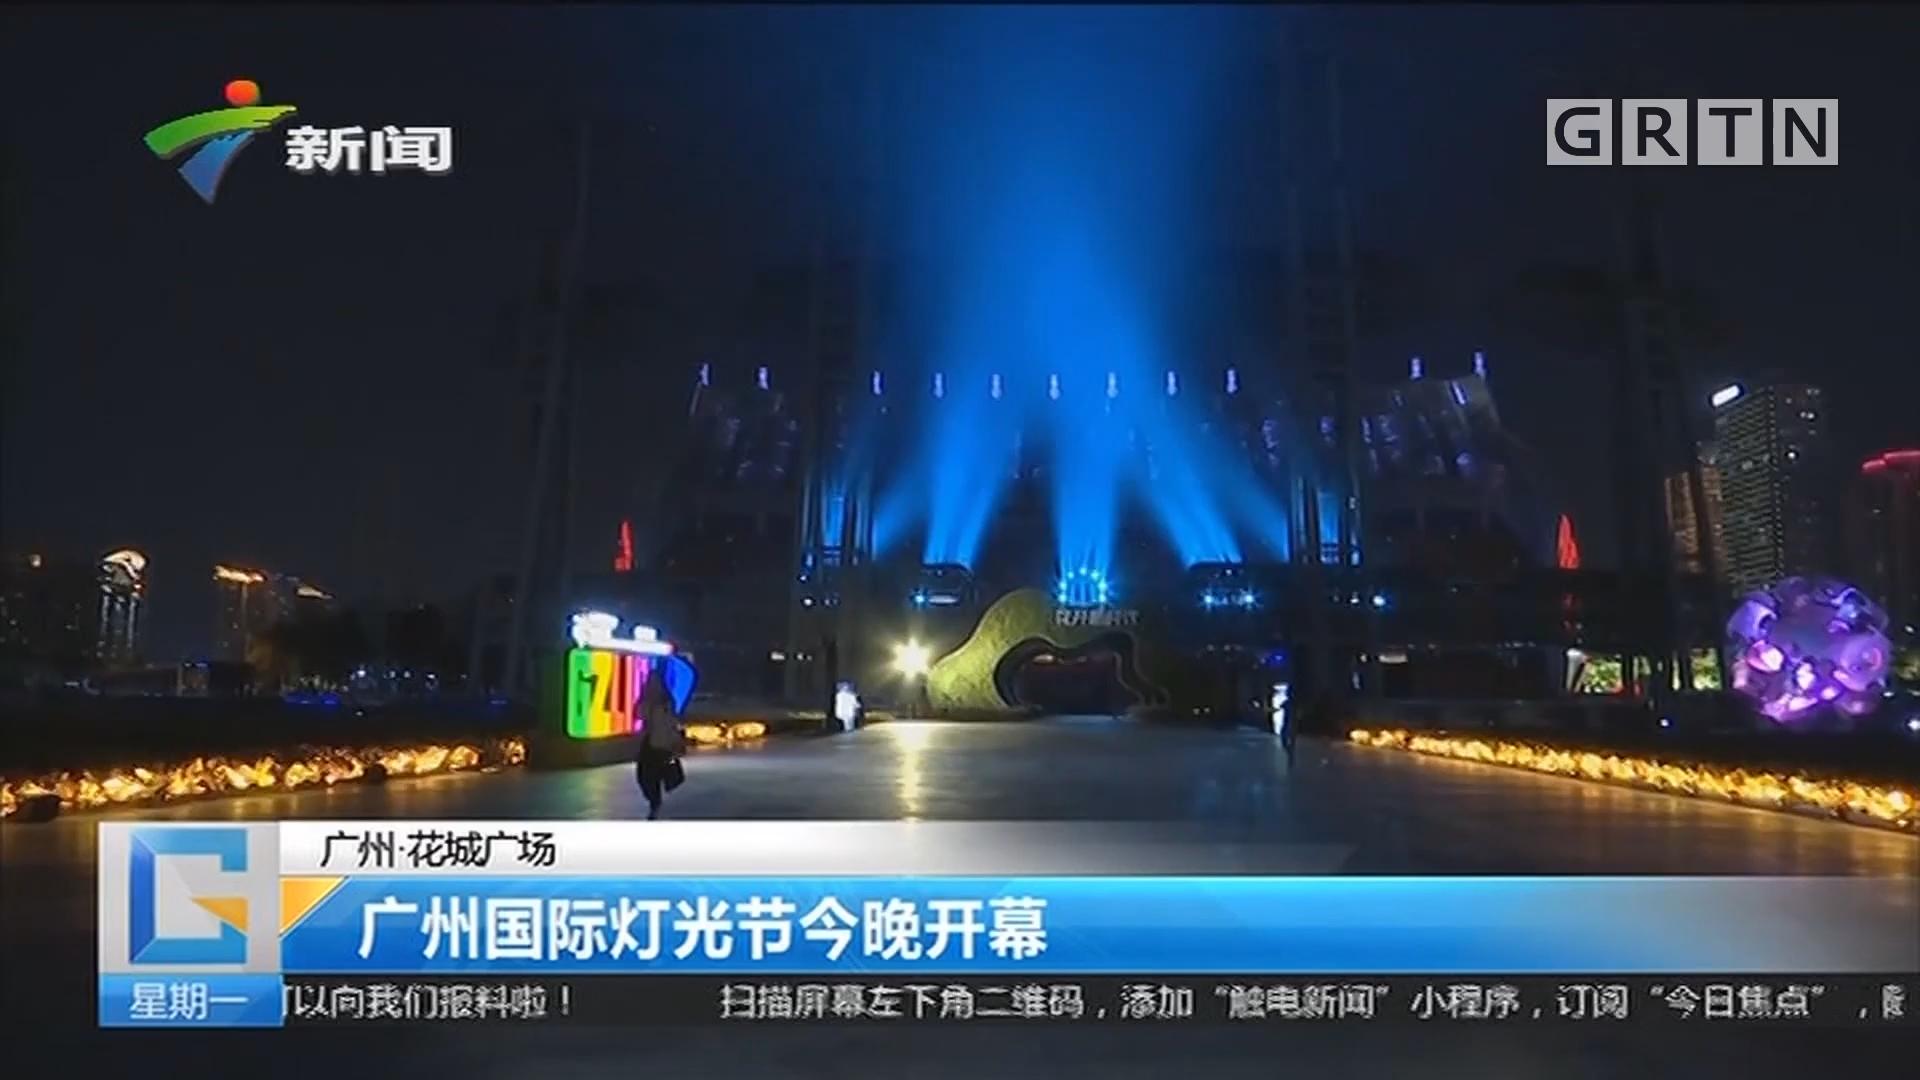 广州·花城广场:广州国际灯光节今晚开幕